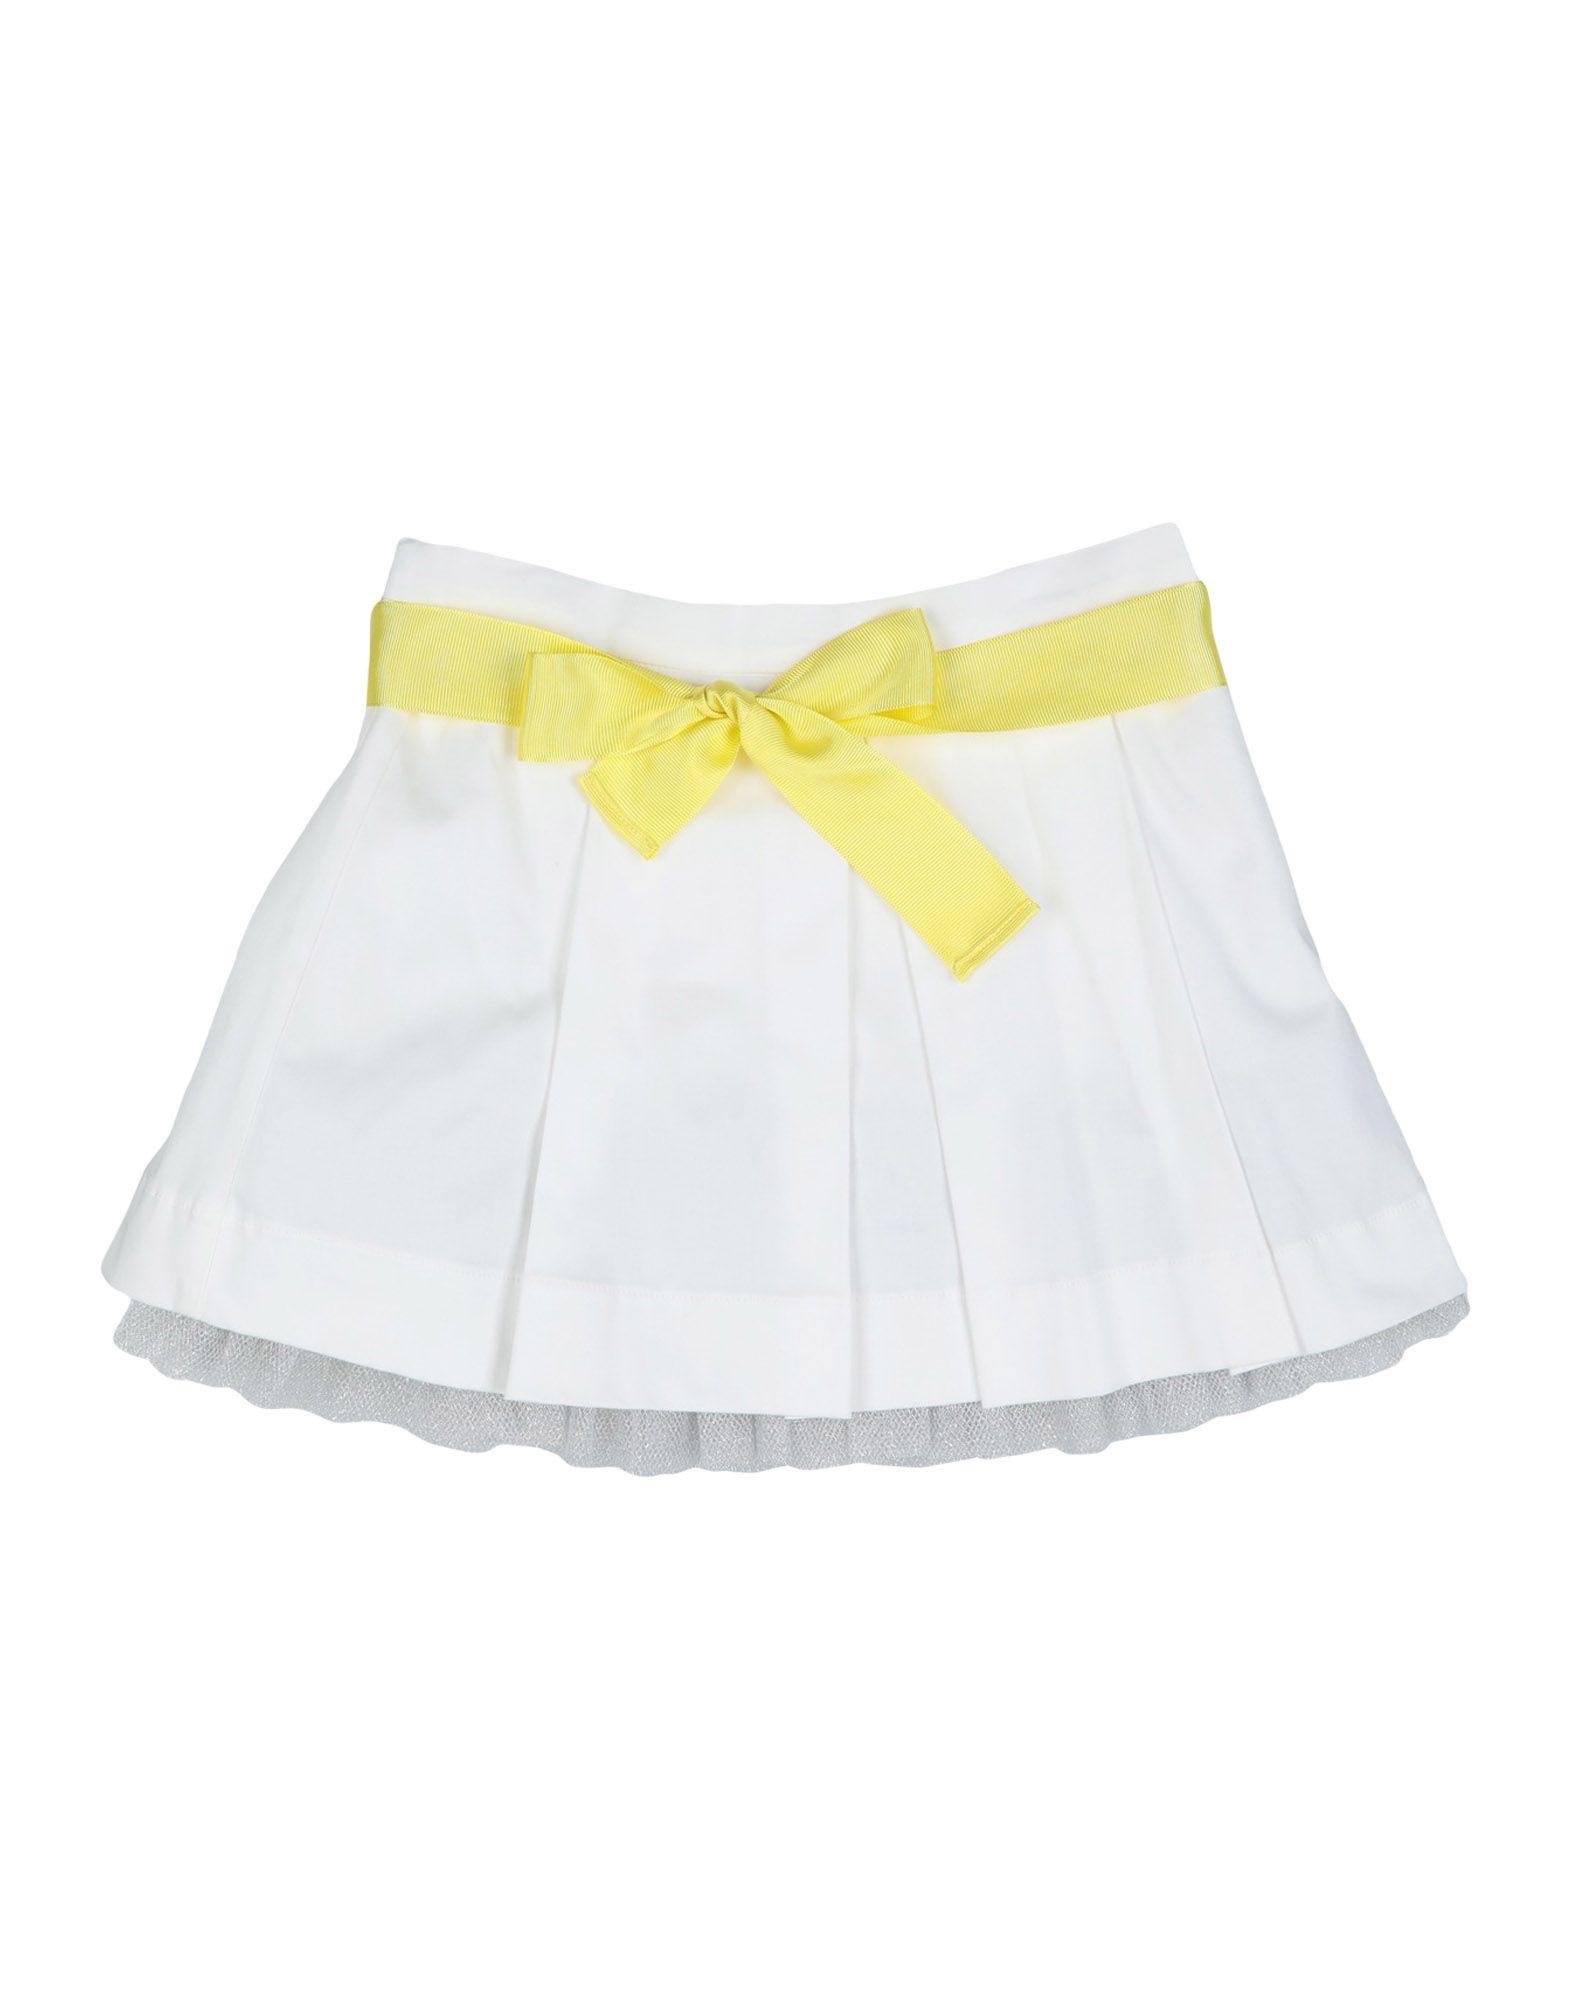 MISS GRANT | MISS GRANT Skirts 35386410 | Goxip